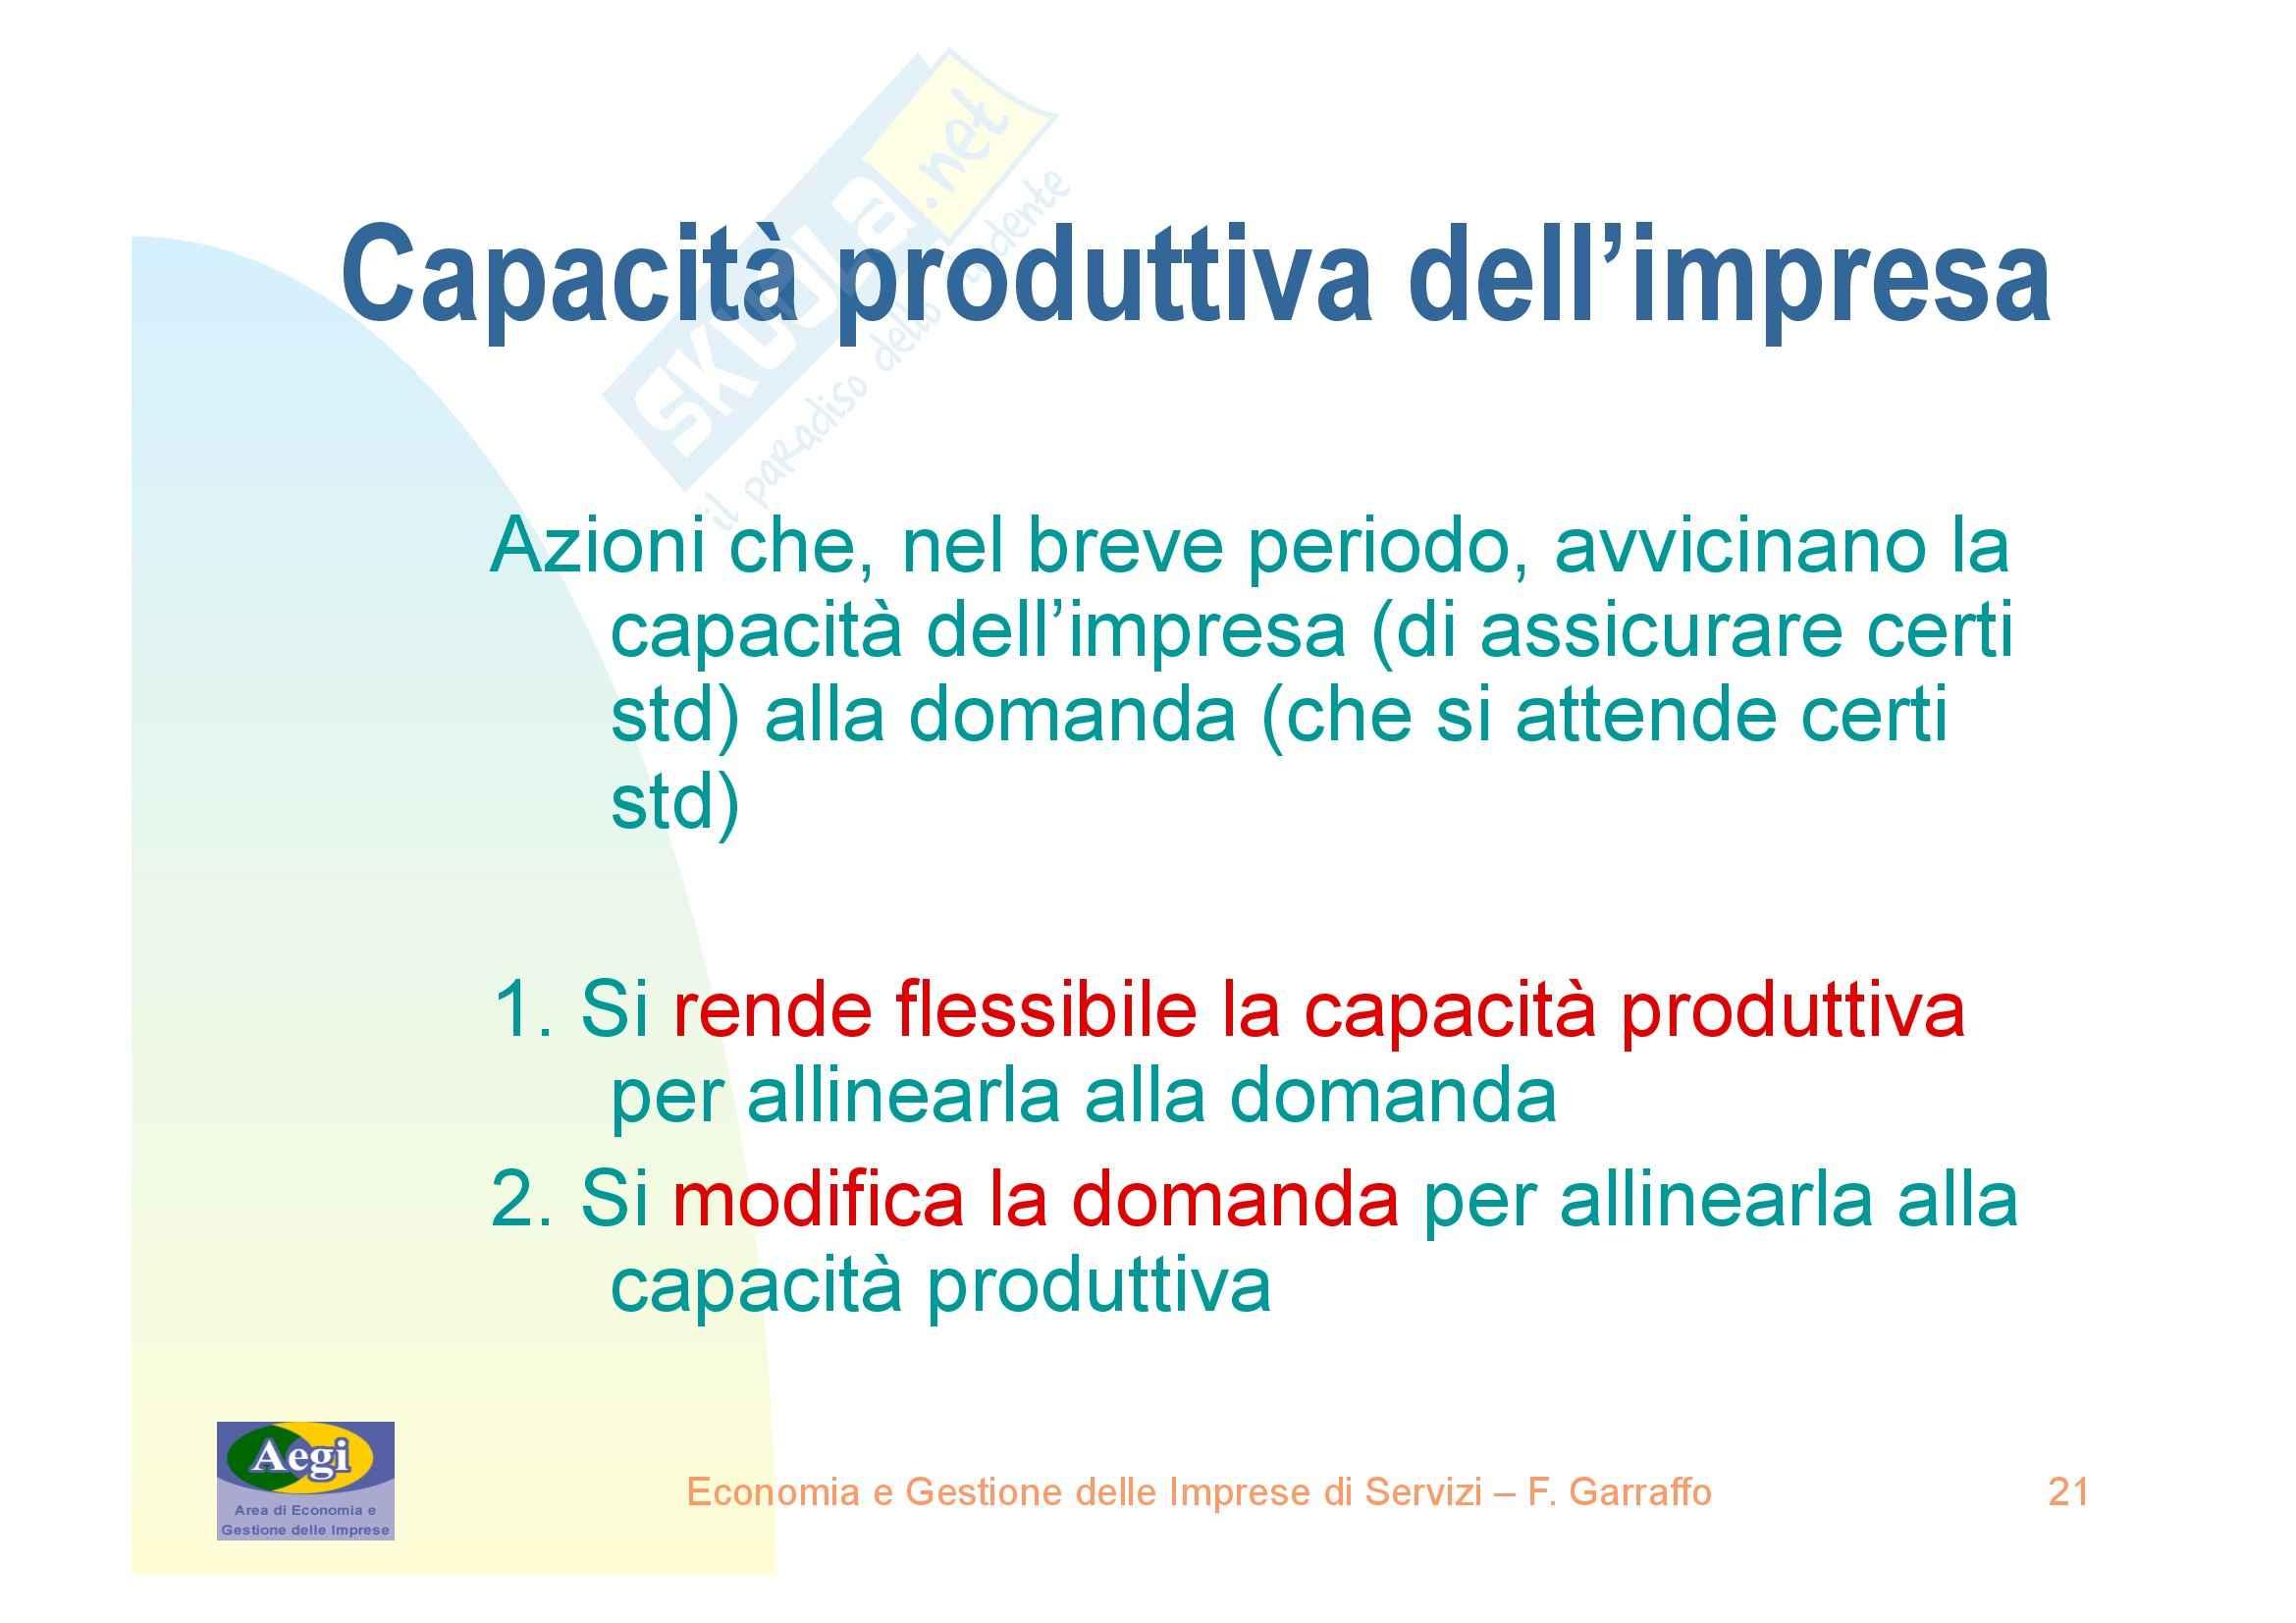 Economia e gestione delle imprese di servizi - nozioni generali Pag. 21